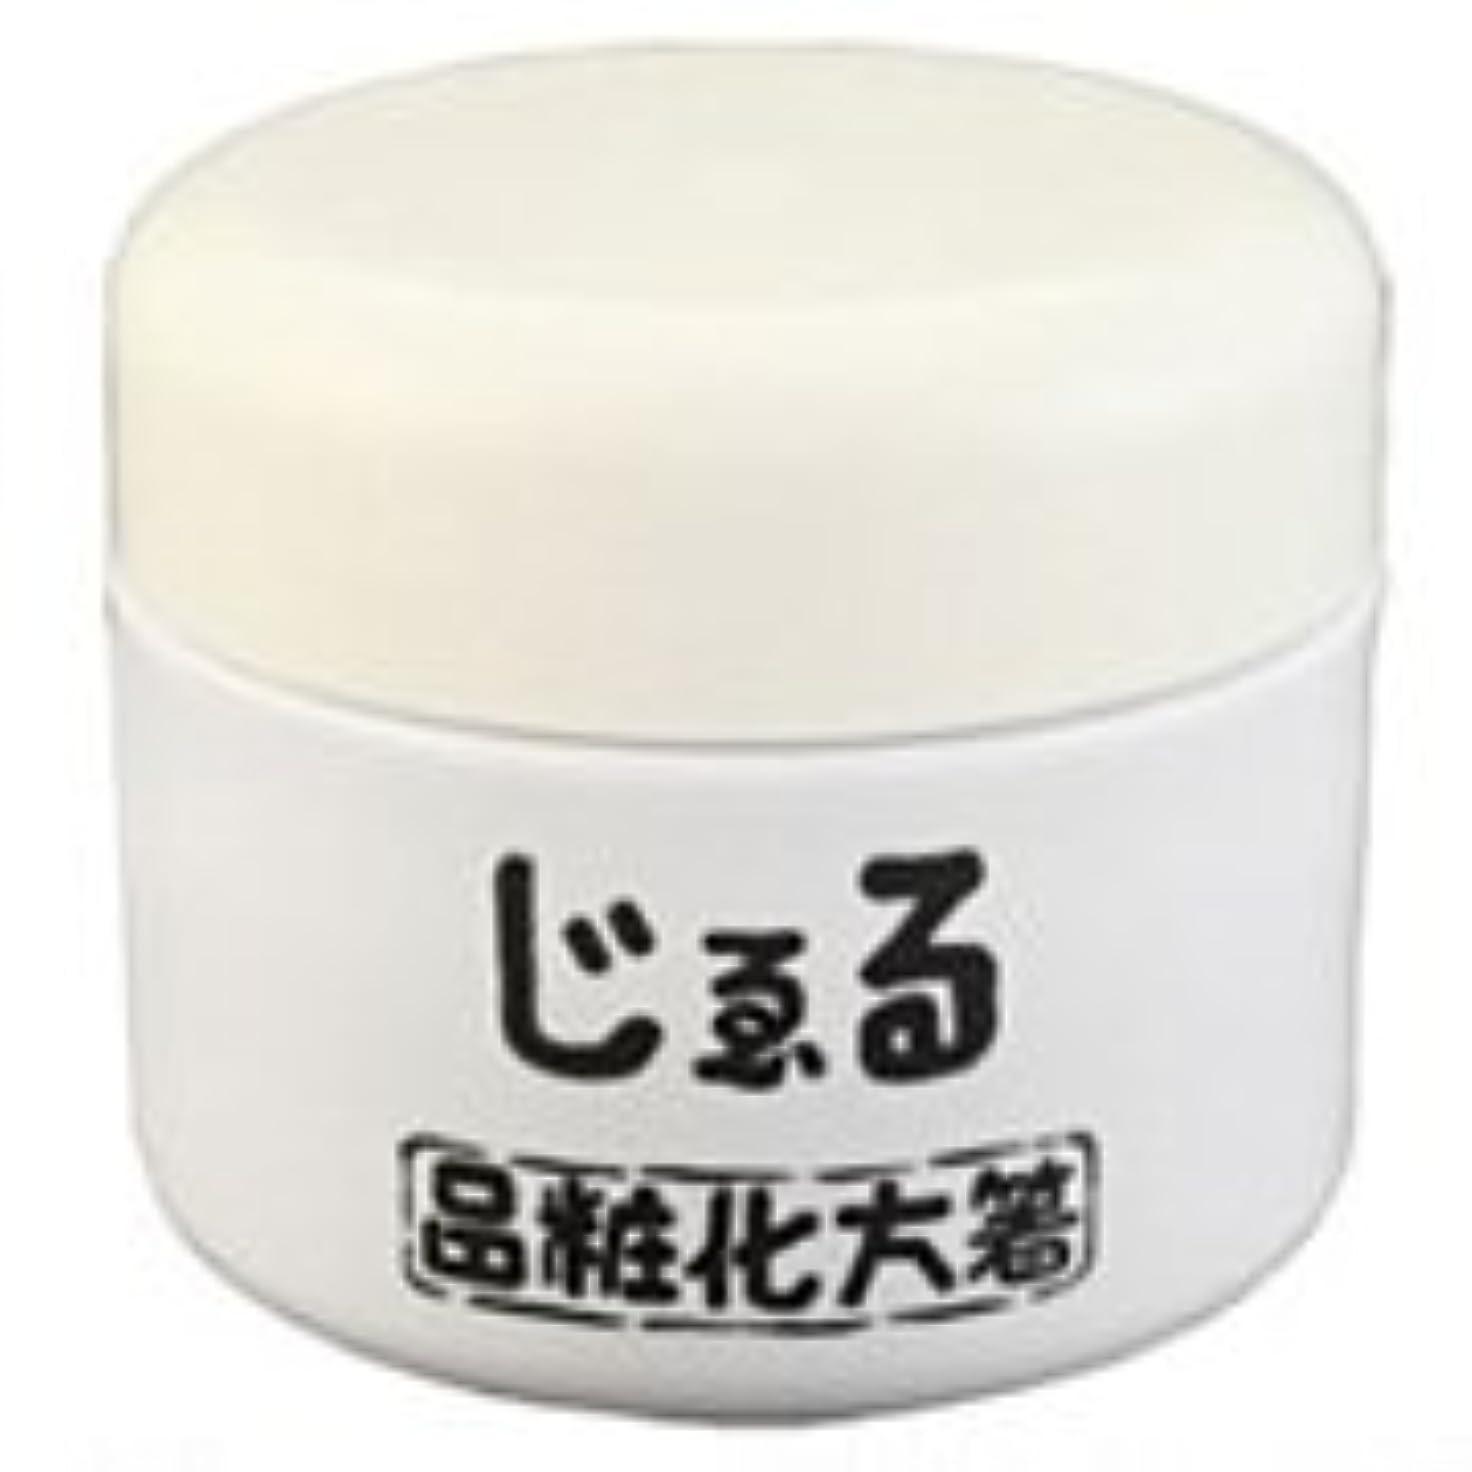 着陸誓いファイバ[箸方化粧品] じぇる 38g はしかた化粧品